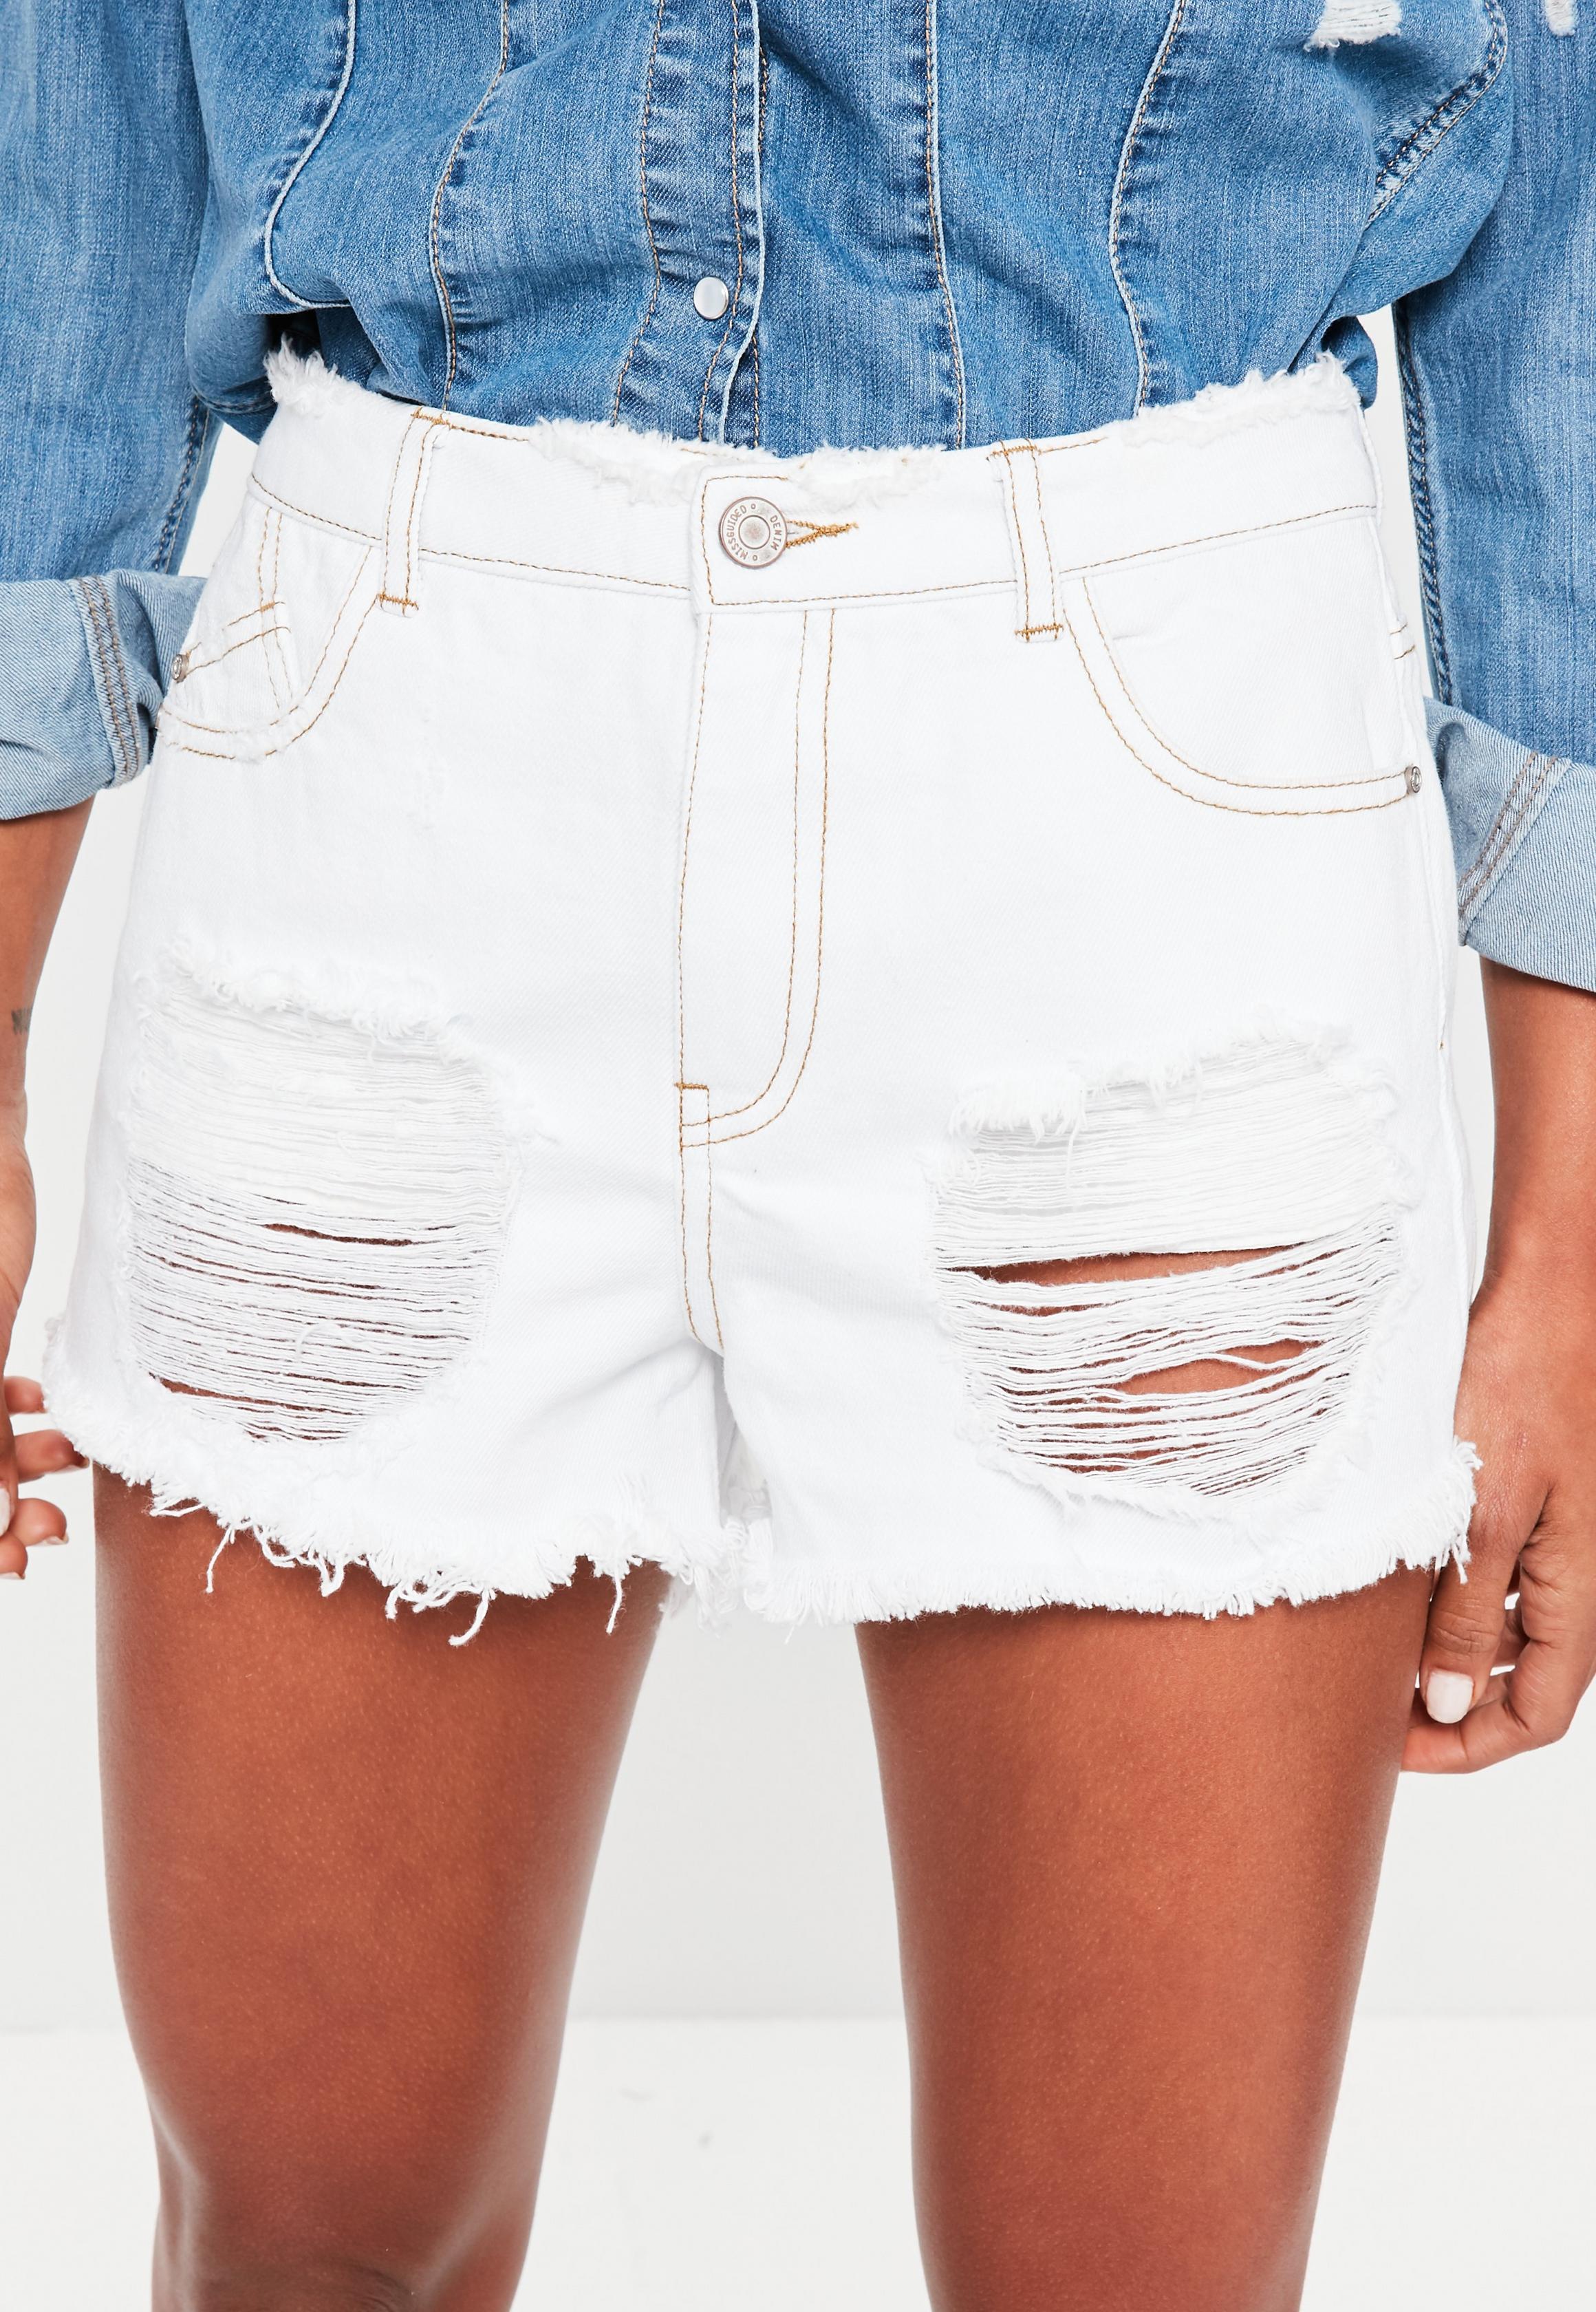 white-sinner-high-waisted-ripped-denim-shorts.jpg